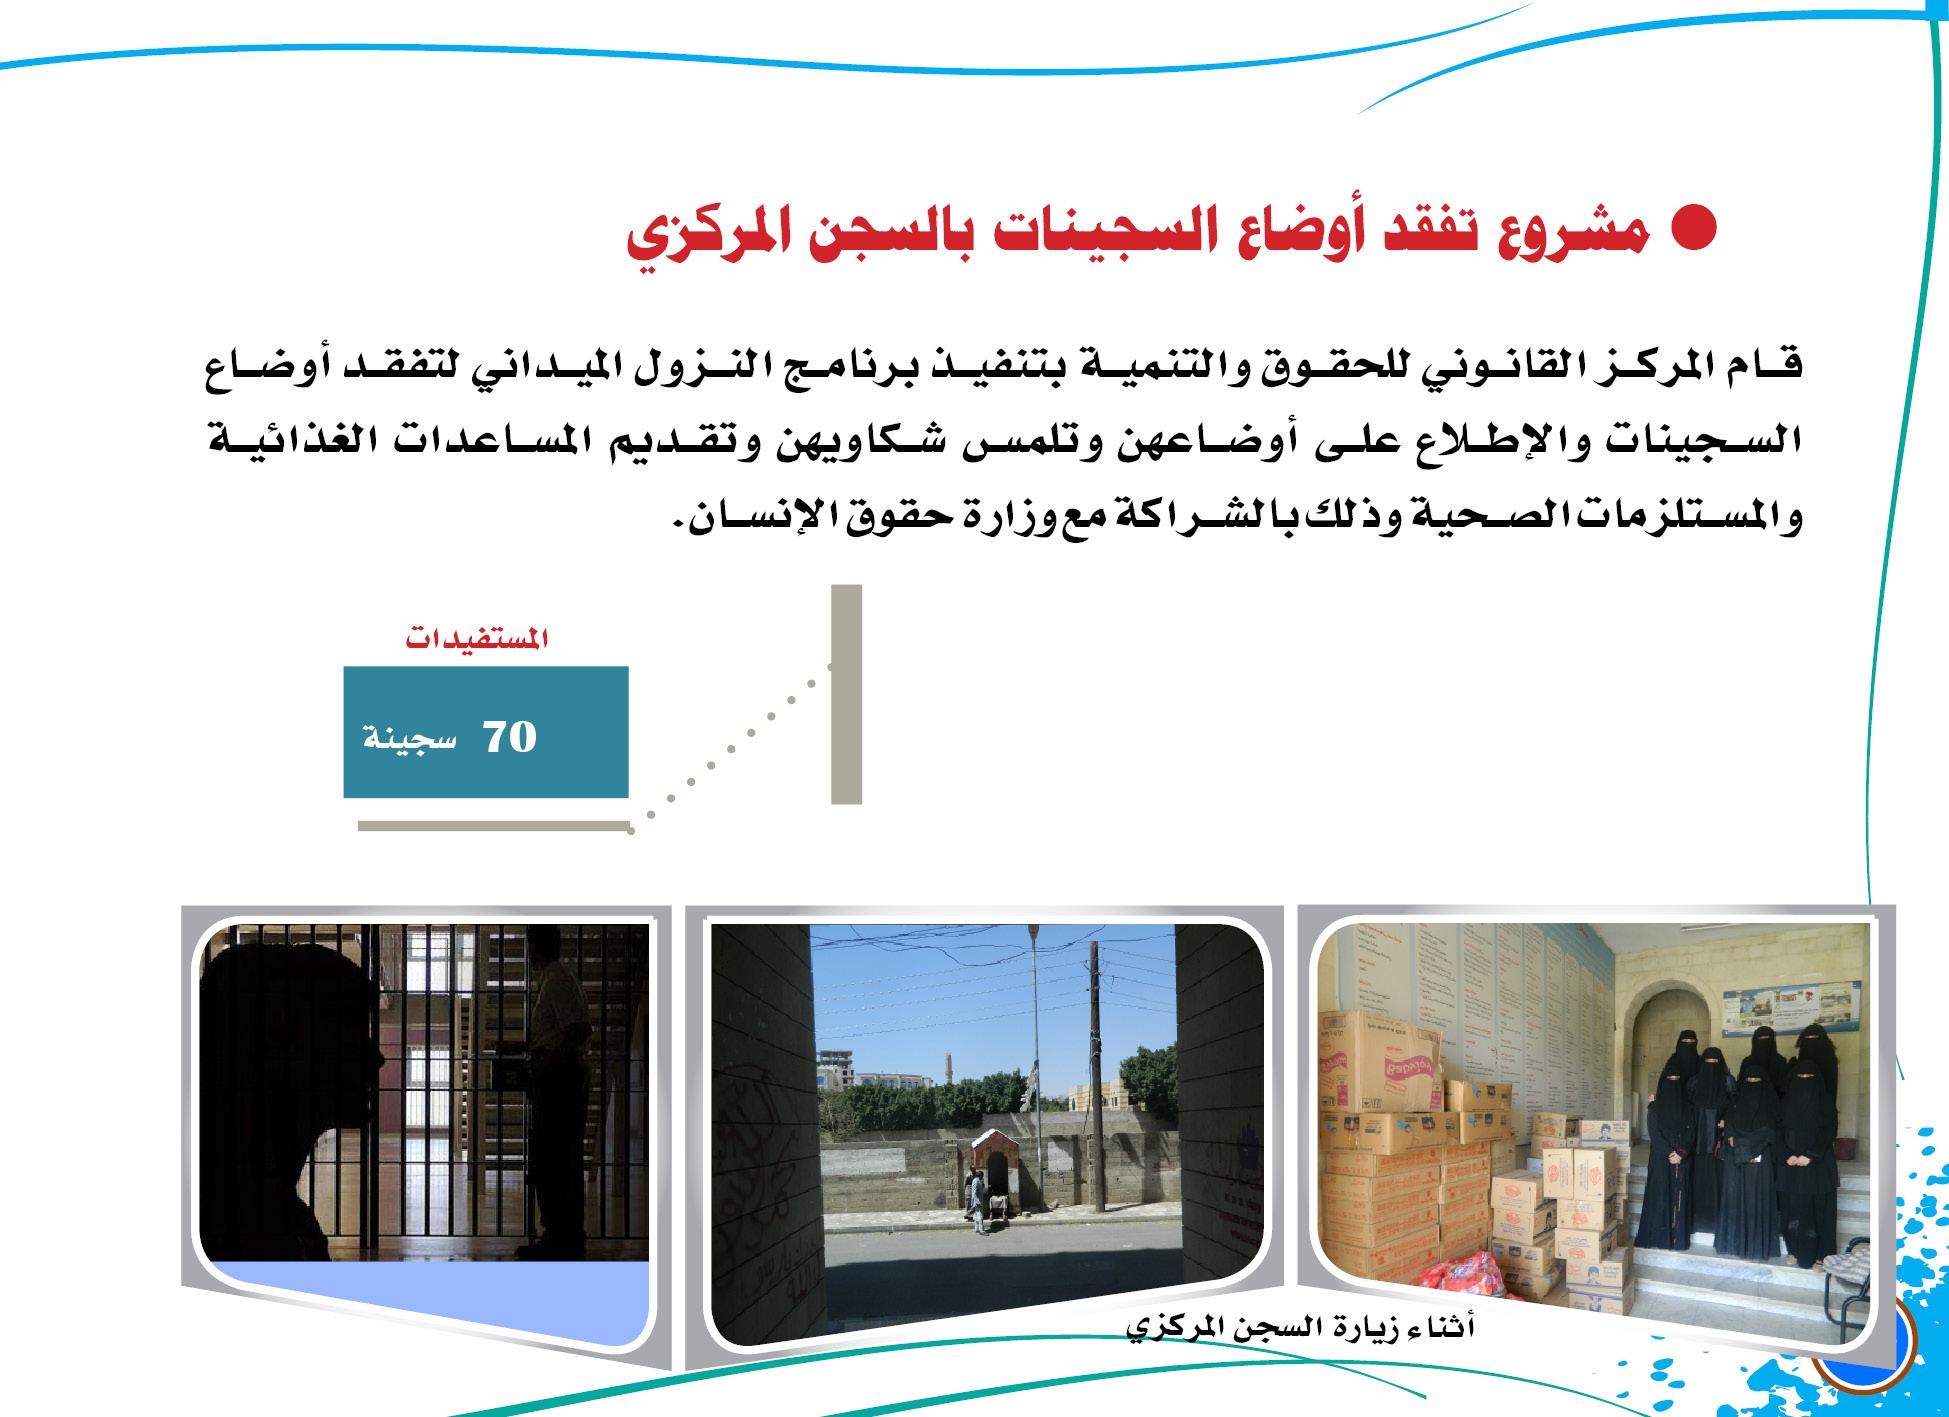 برشور المركز القانوني باللغة العربية16